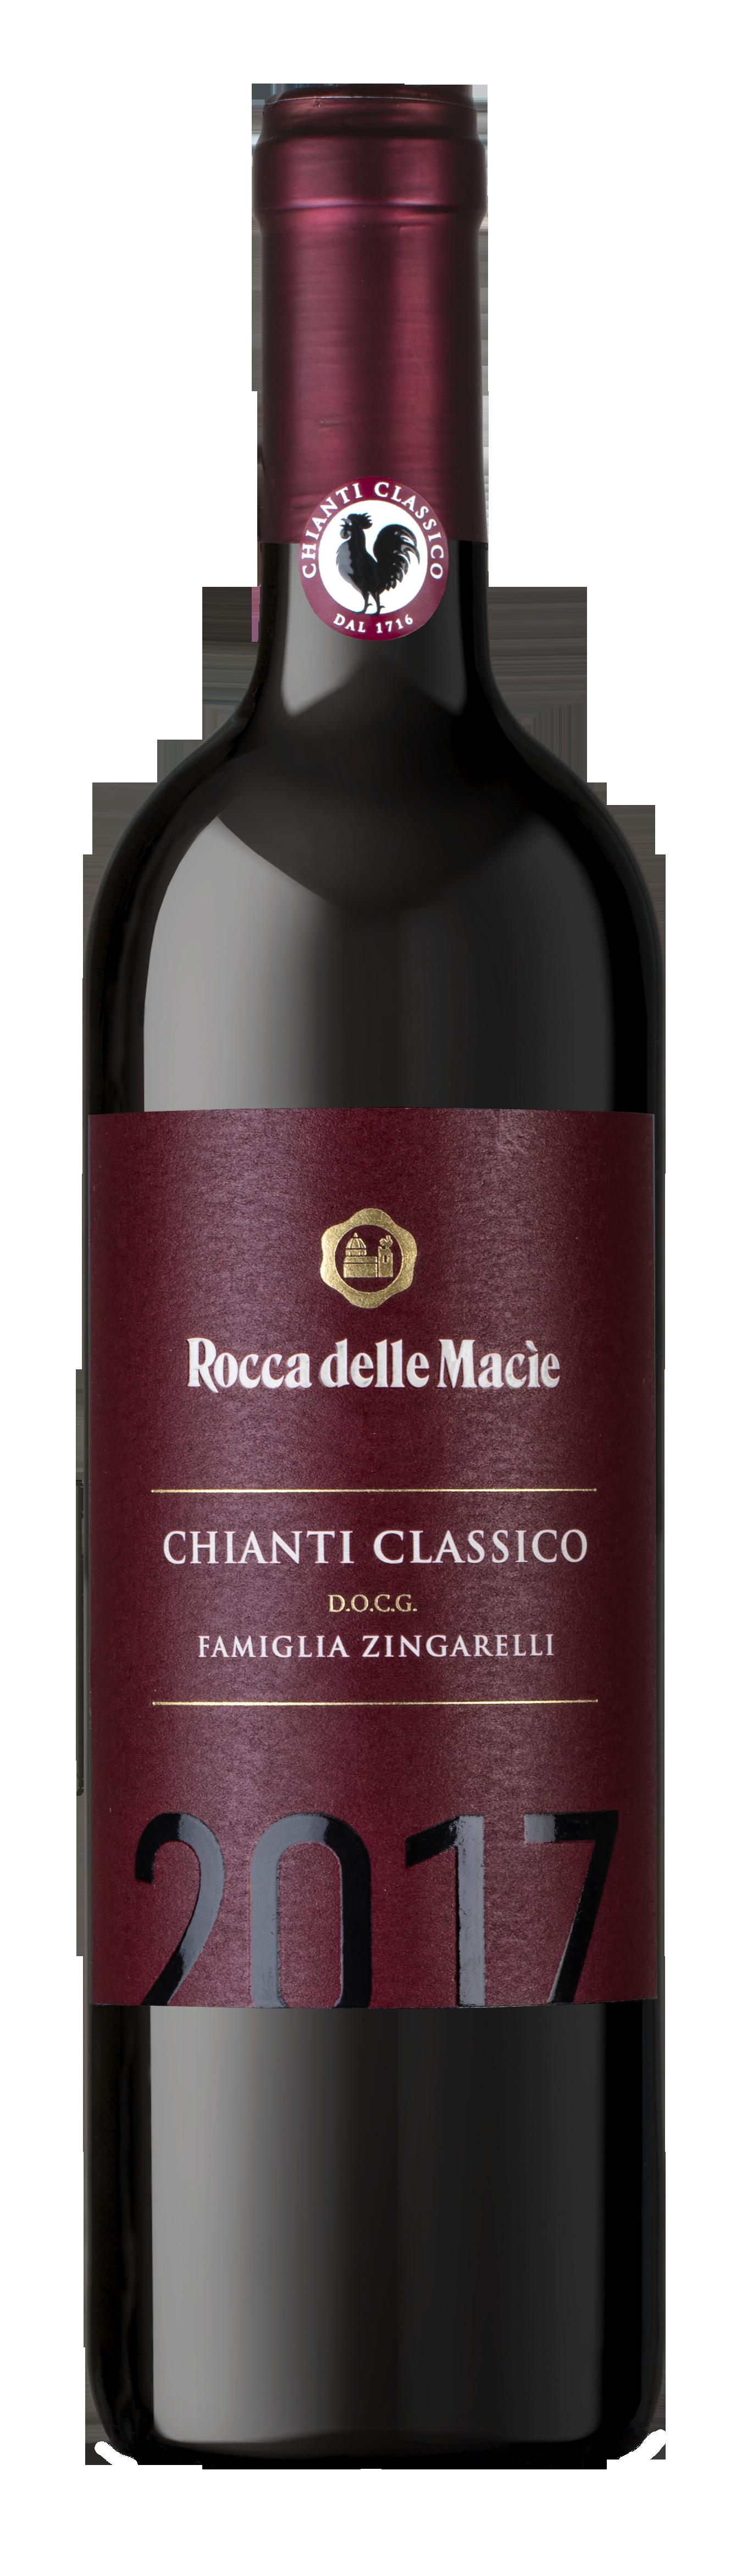 Chianti-Classico-2017